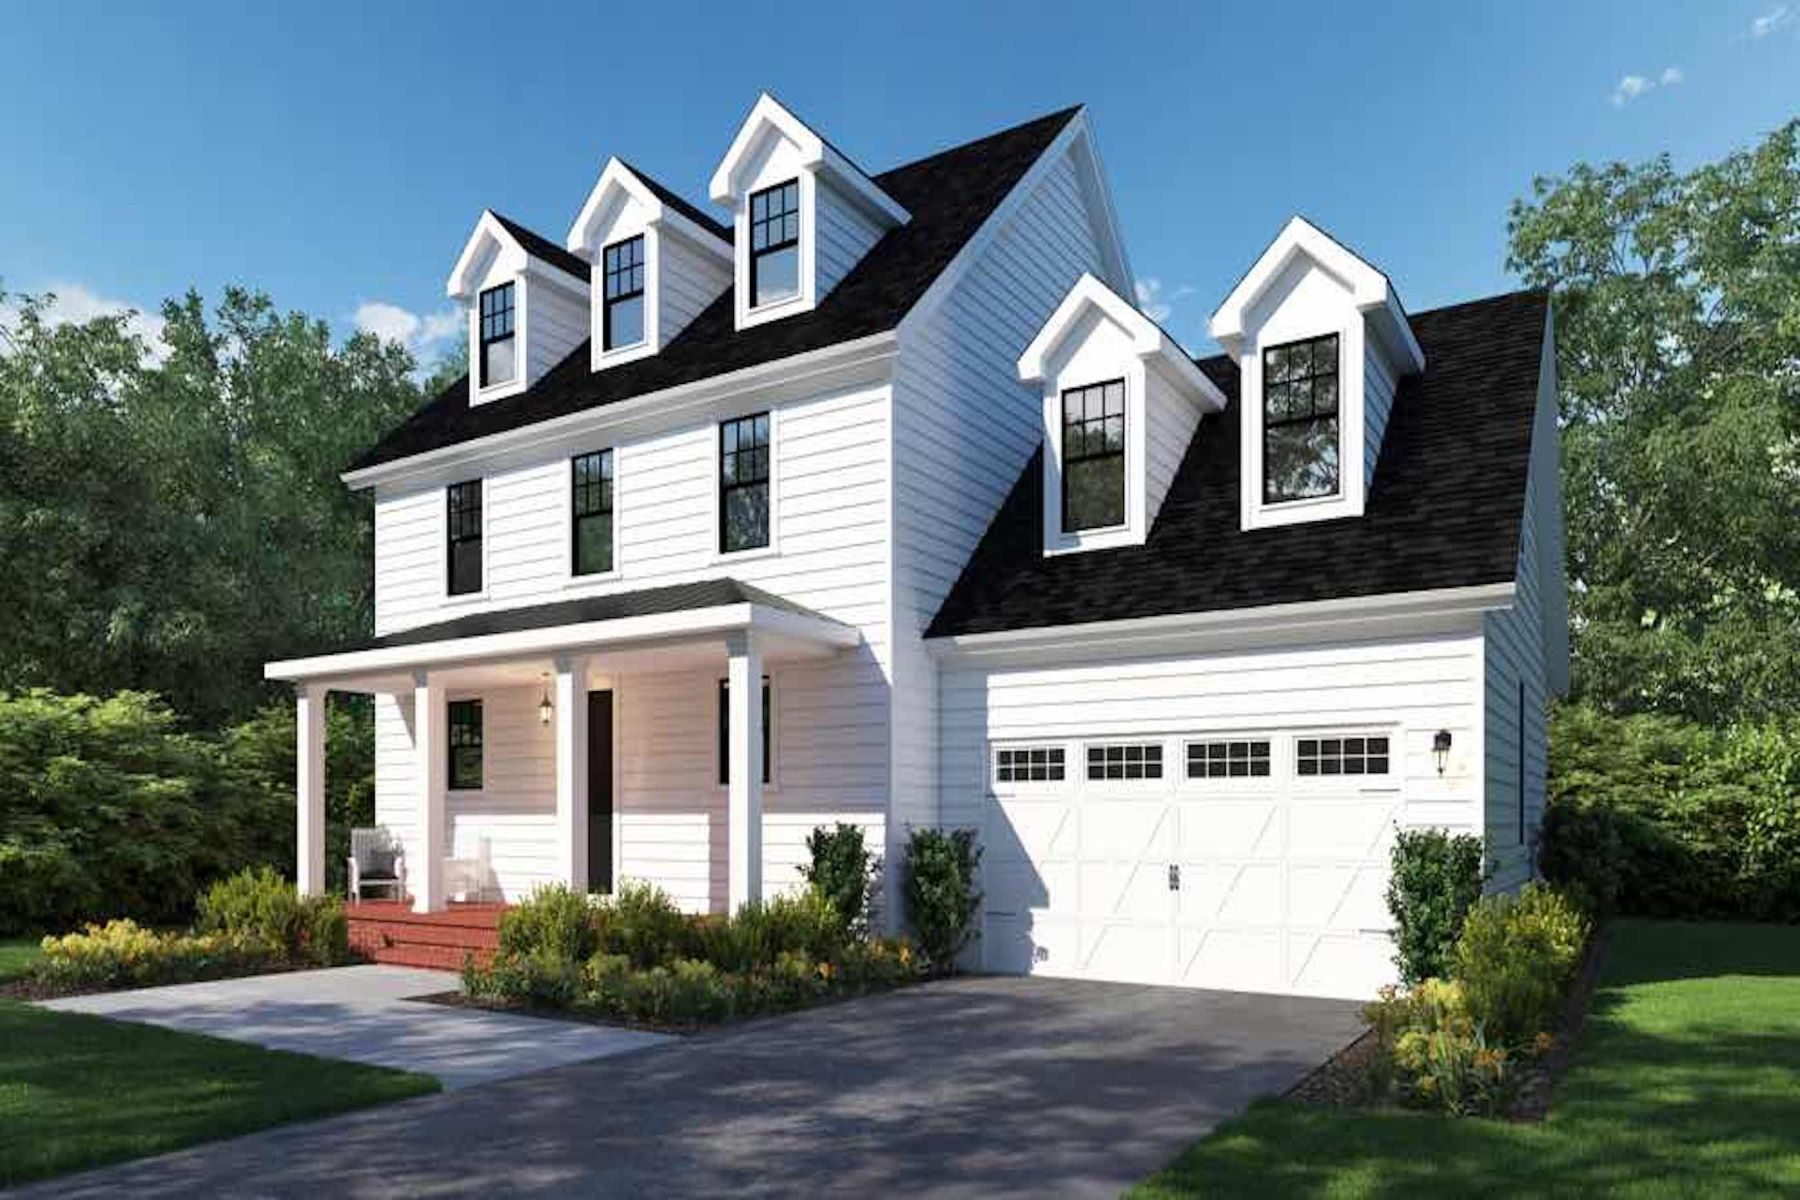 Single Family Homes için Satış at New Construction Coastal Bungalow in Tilghman on Chesapeake 5651 Trafalgar Circle, Tilghman, Maryland 21671 Amerika Birleşik Devletleri